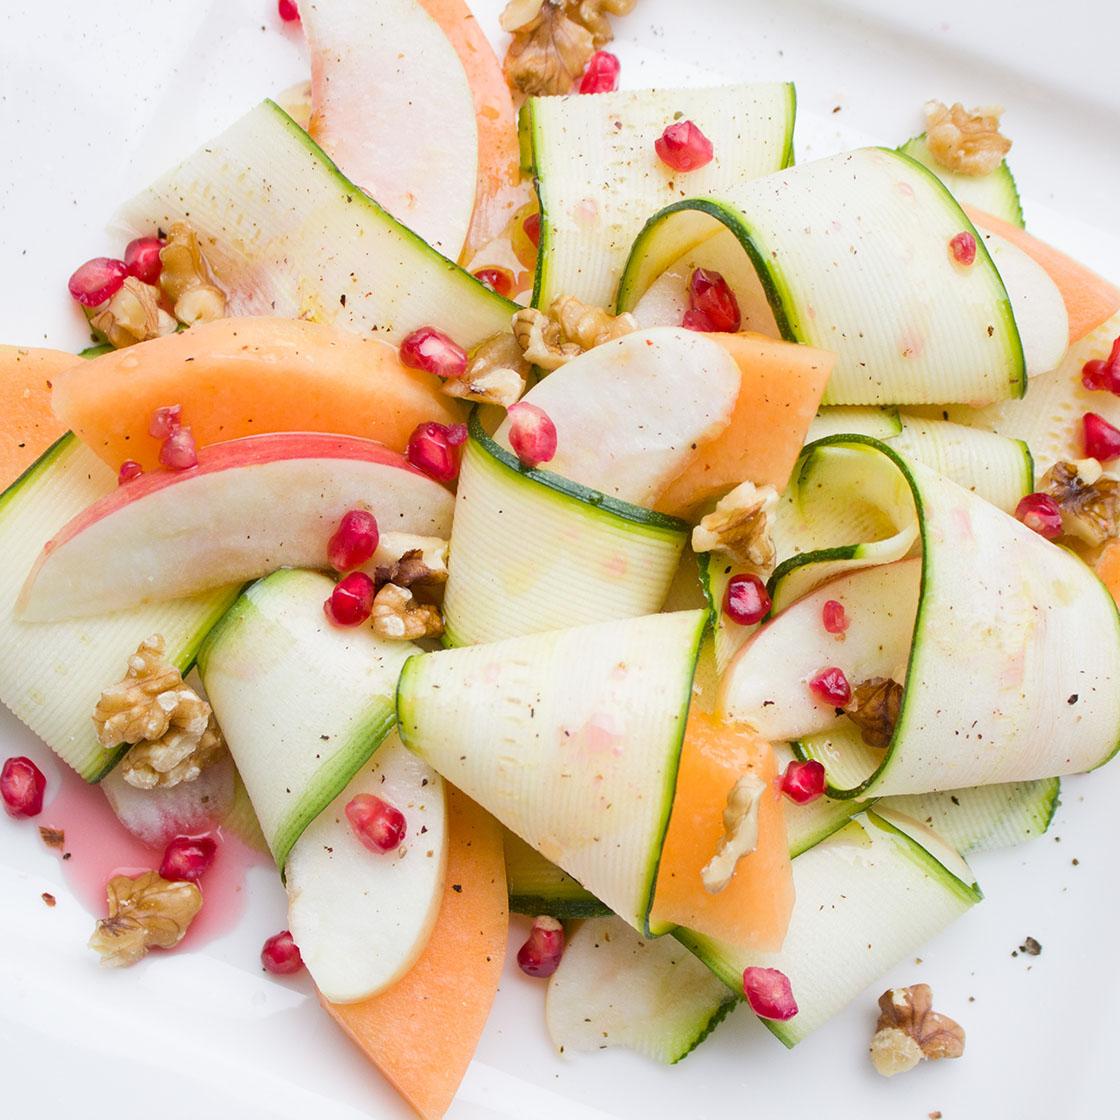 Nastri di zucchina con melone, noci e melograno.